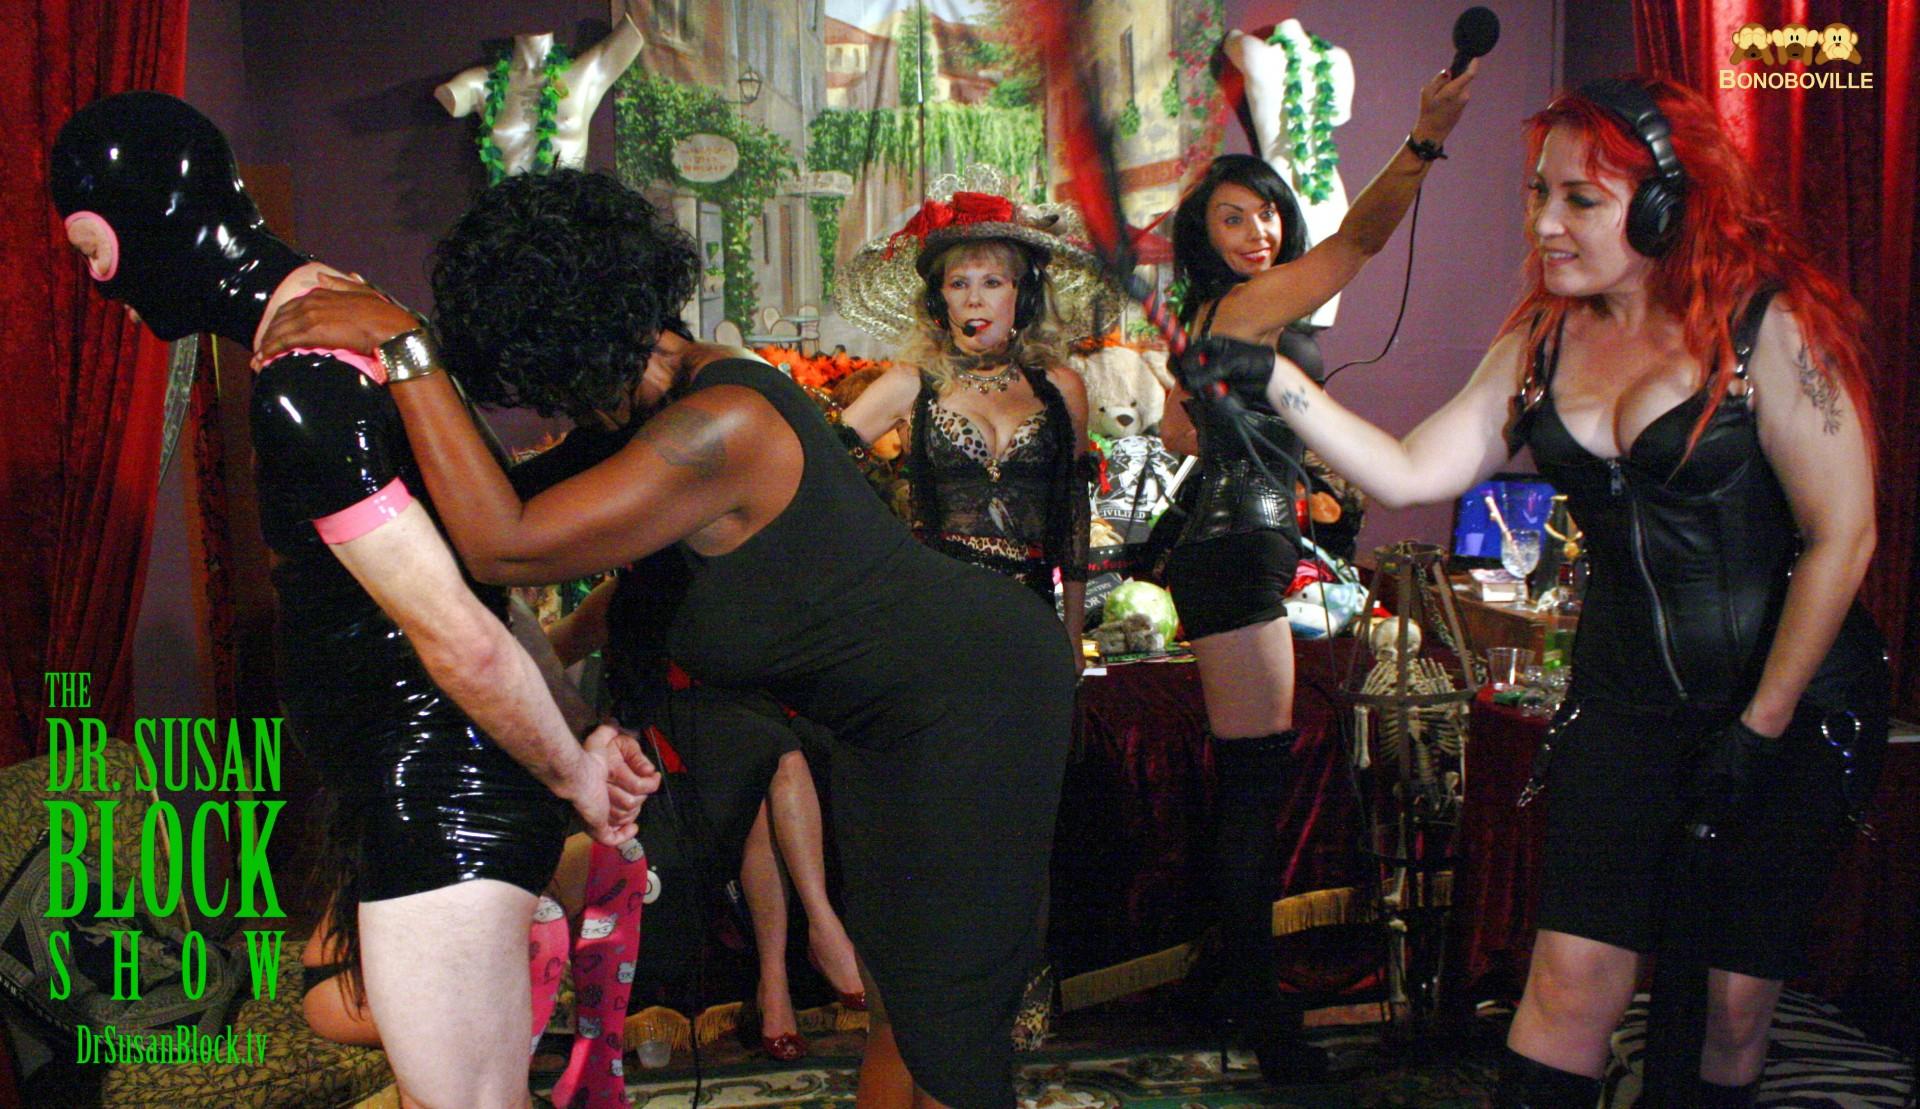 Ms. Hudsy Hawn flogs Bonita. Photo: Ono Bo